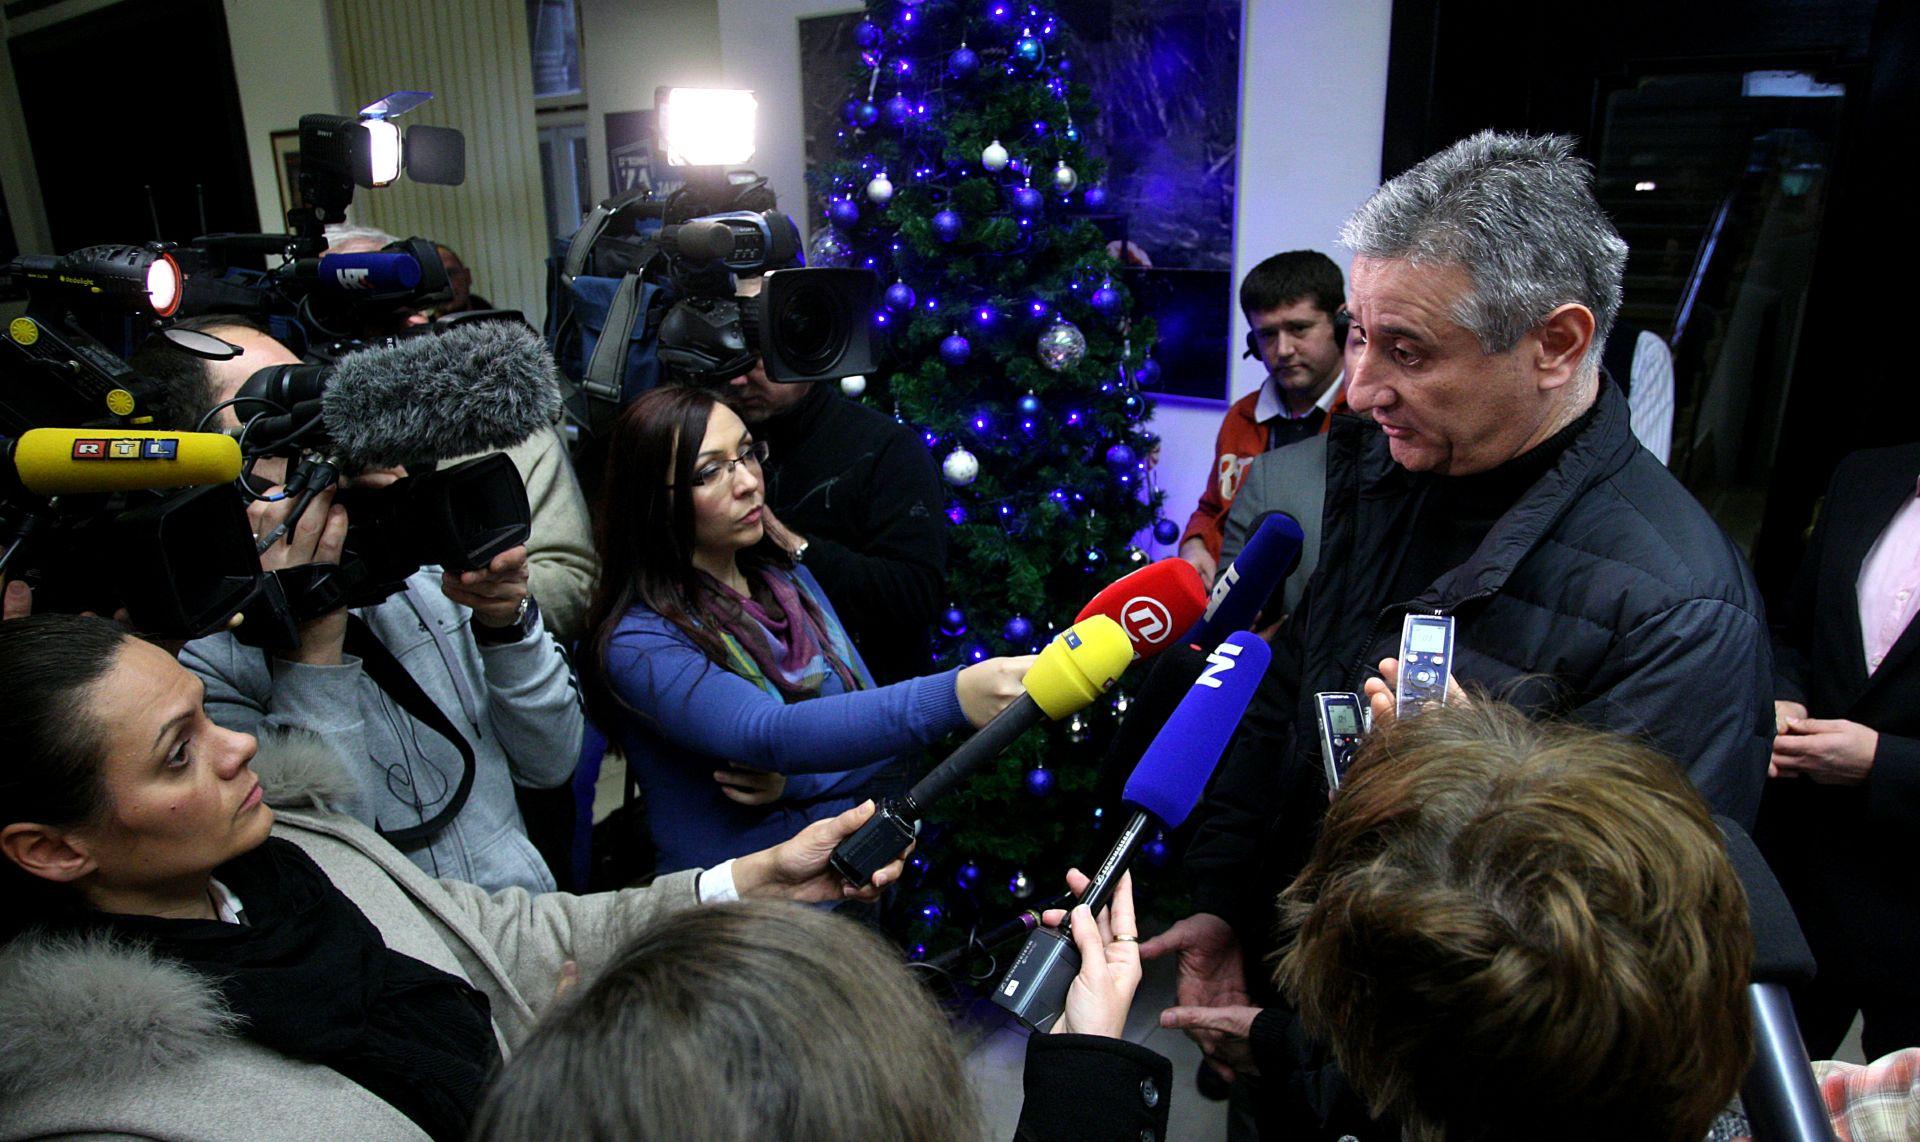 NAKON RAZGOVORA S MOSTOM Karamarko: Reiner ostaje HDZ-ov kandidat za predsjednika Sabora